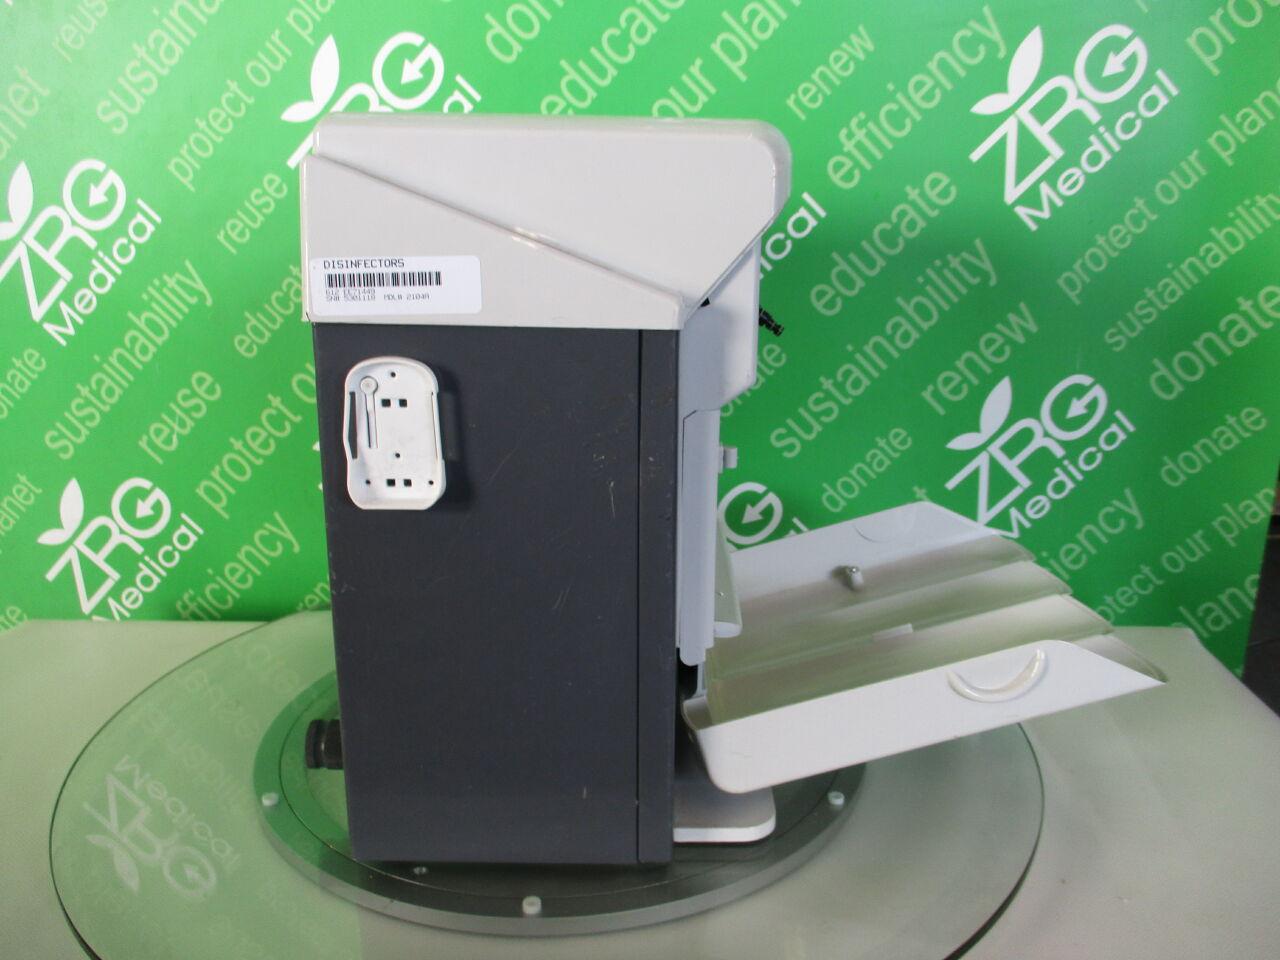 KAVO Quattocare Maintenance System